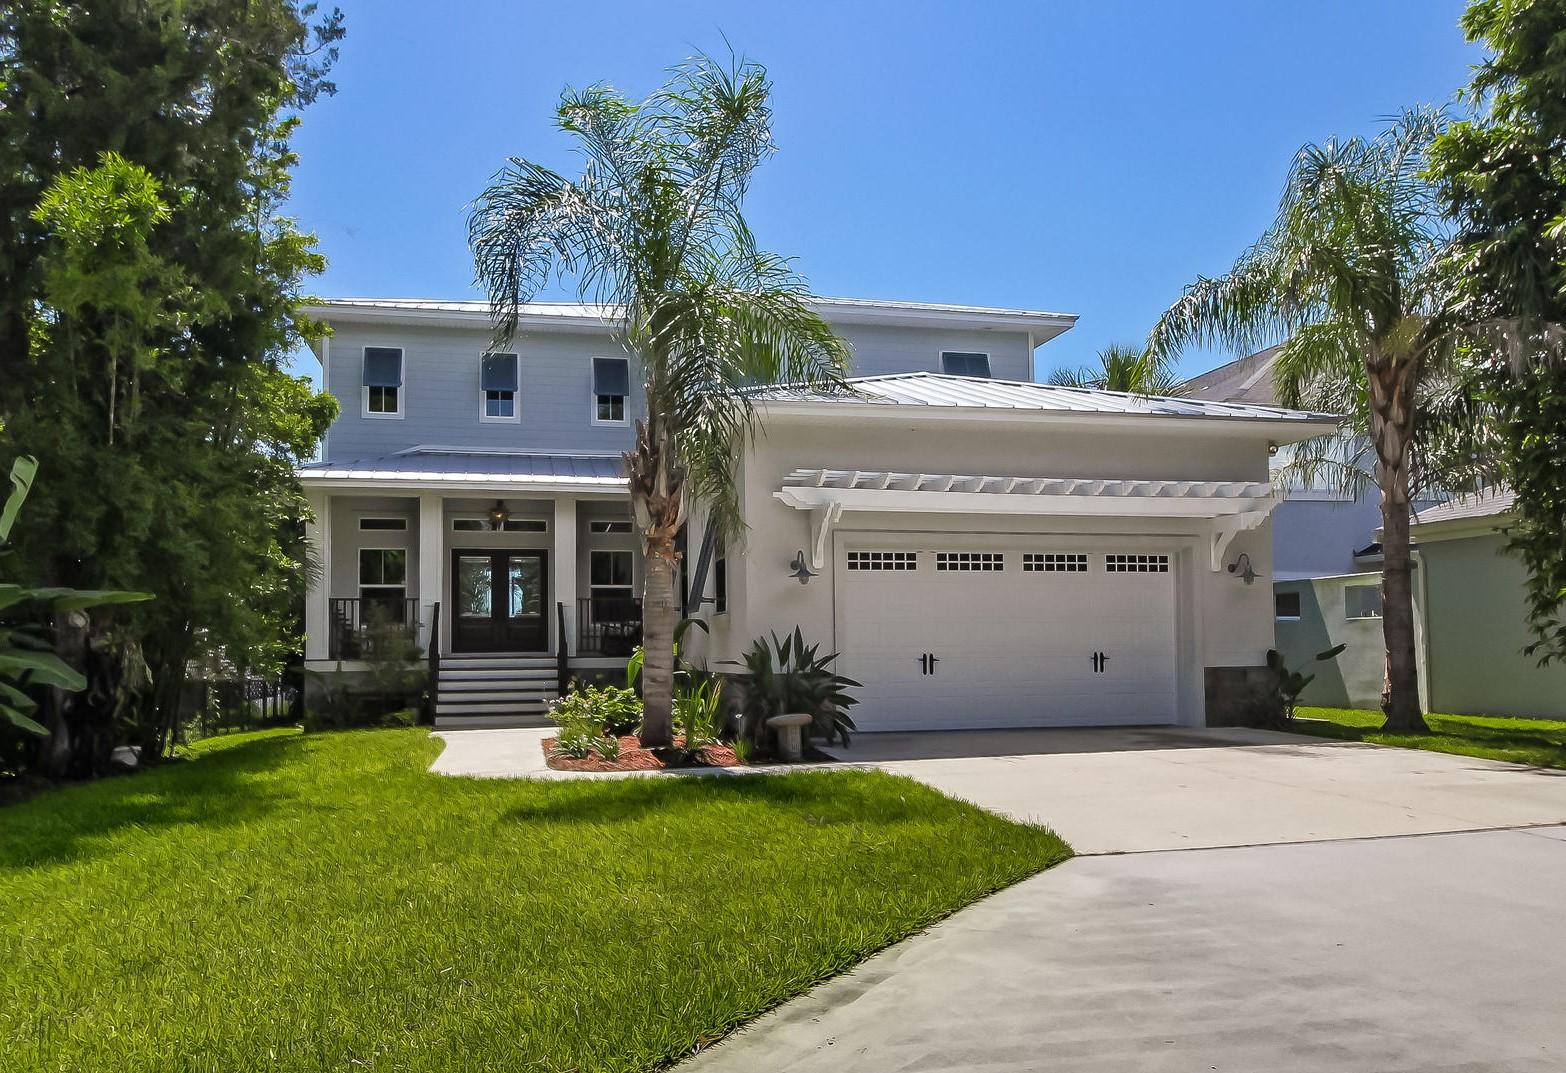 Maison unifamiliale pour l Vente à 10050 Heckscher Drive 10050 Heckscher Drive Jacksonville, Florida 32226 États-Unis